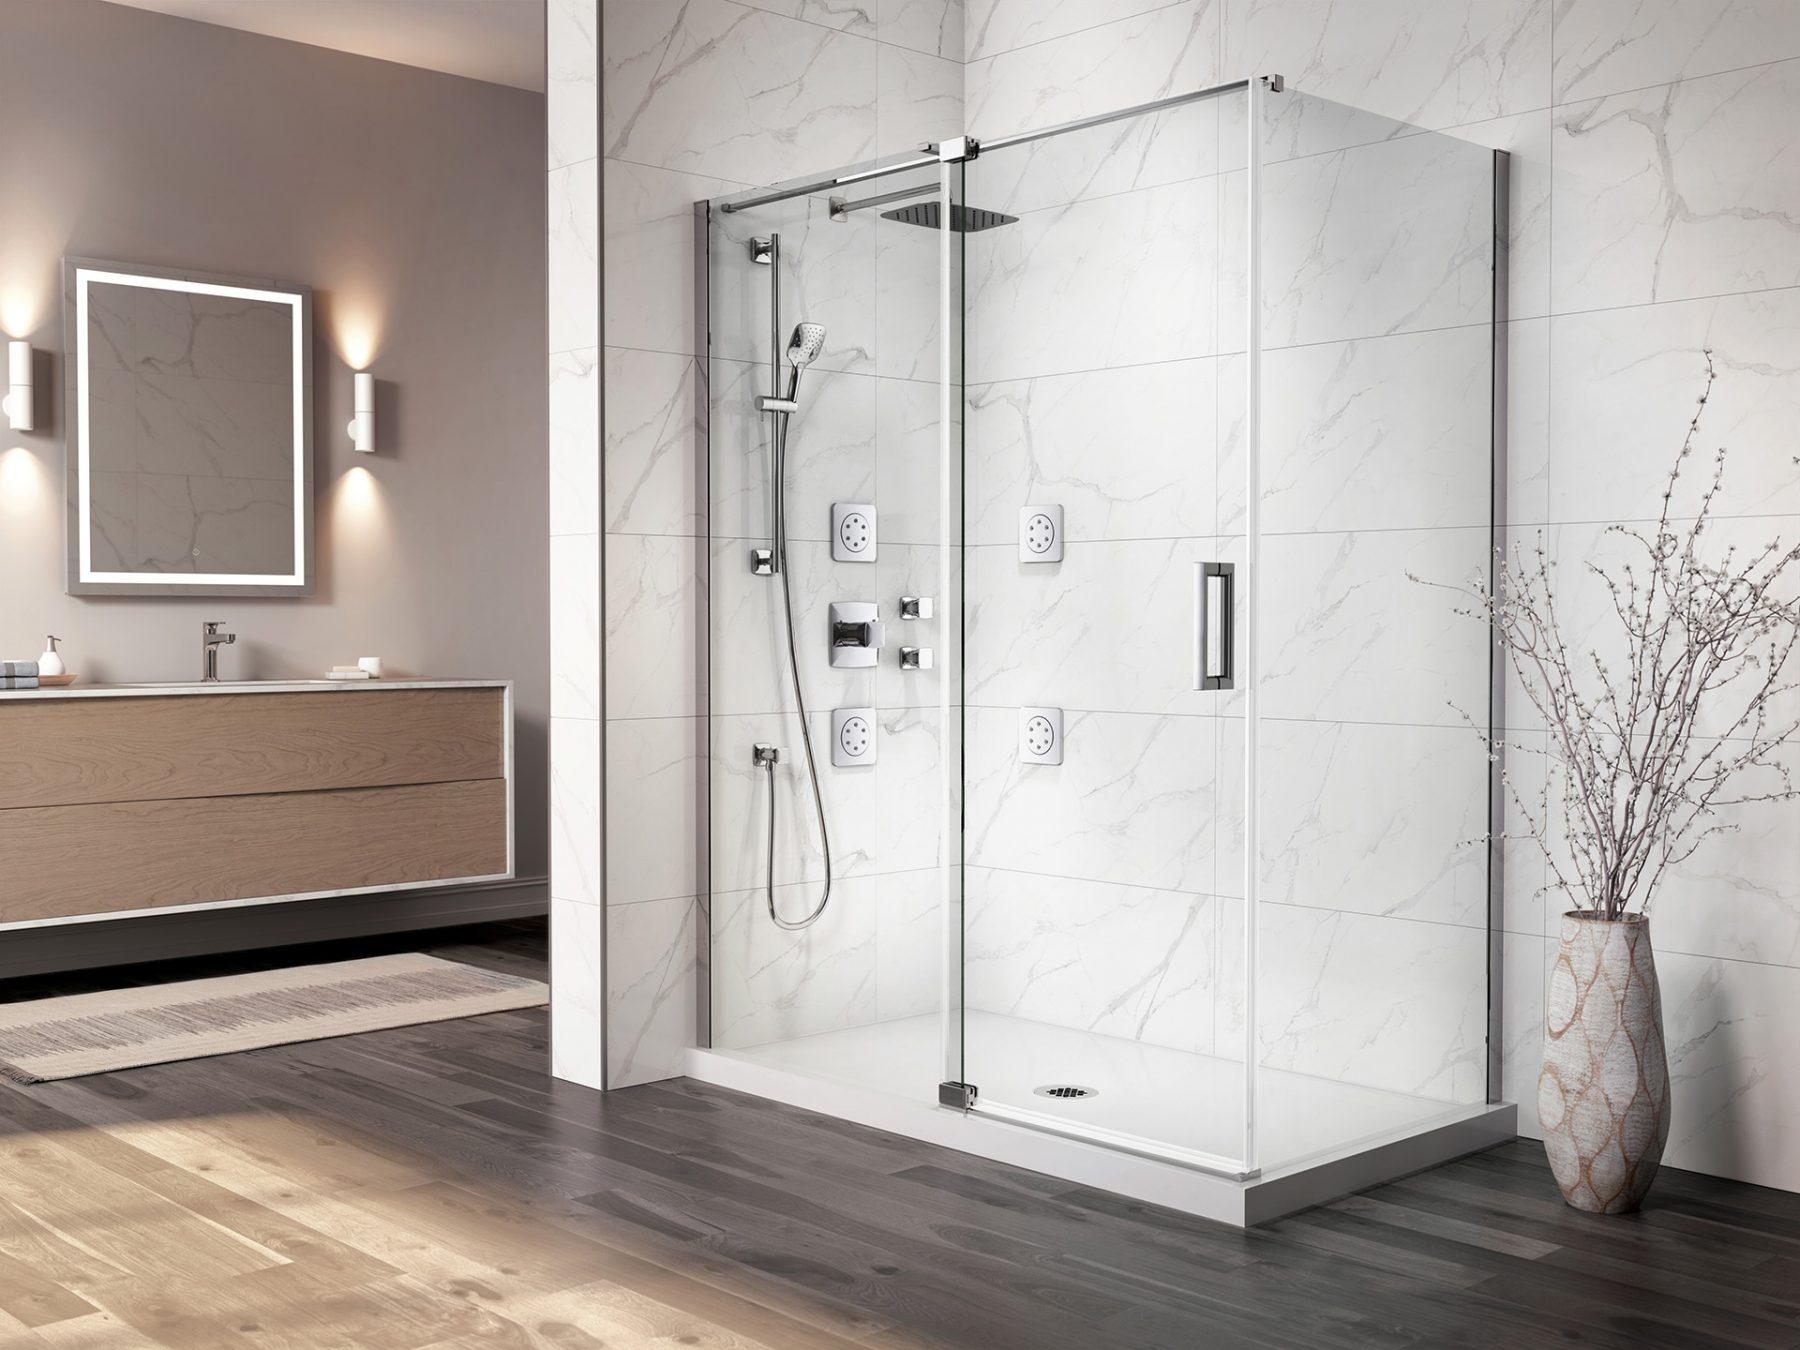 3d-glass-shower-door-marble-wall-classic-bathroom